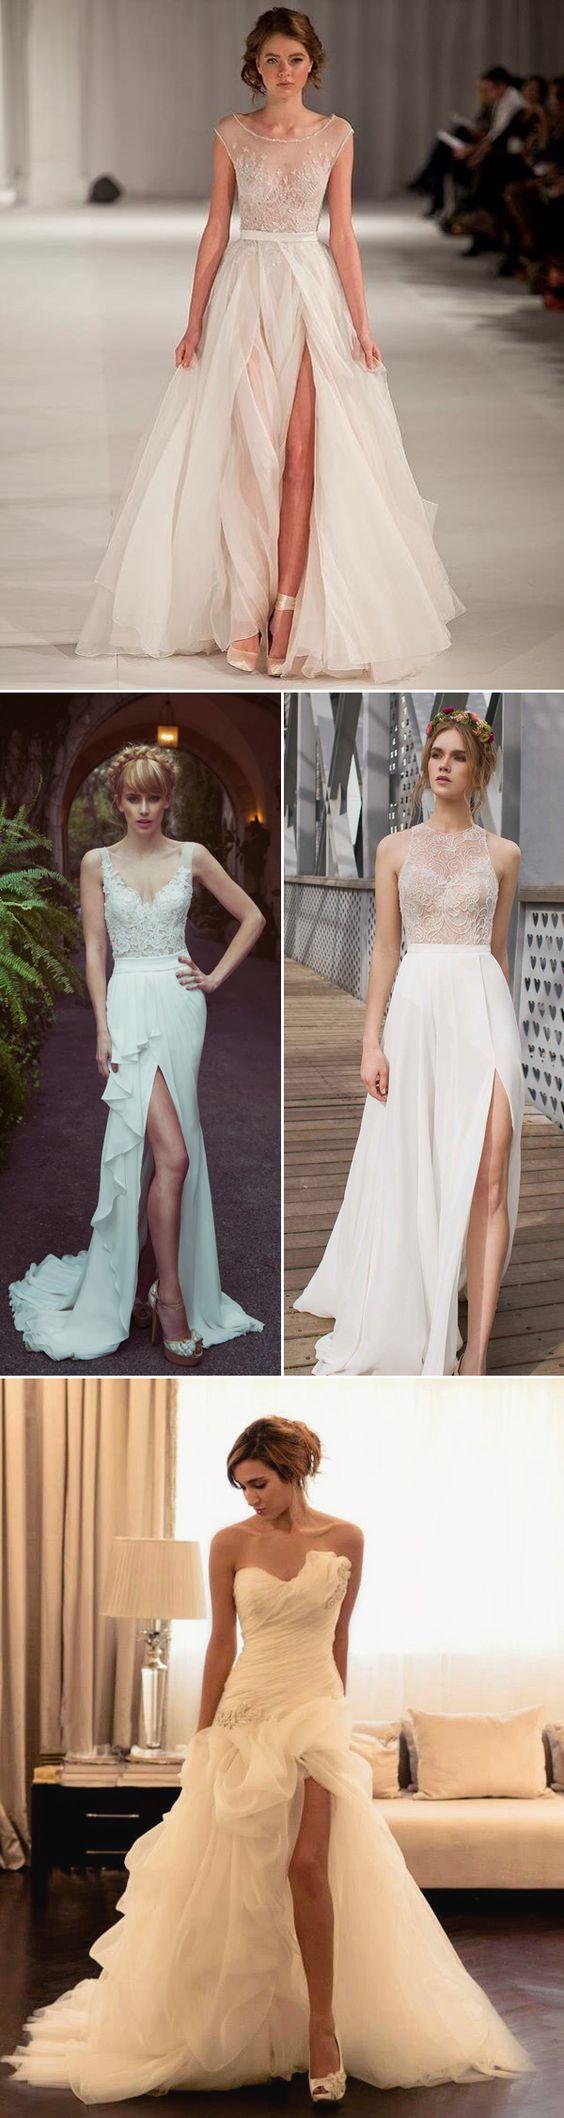 Свадебные платья мода 2016 года, тренды свадебного сезона 2016, свадебная мода 2016, модные платья для невесты, современное платье невесты, в чем быть на свадьбе в этом году